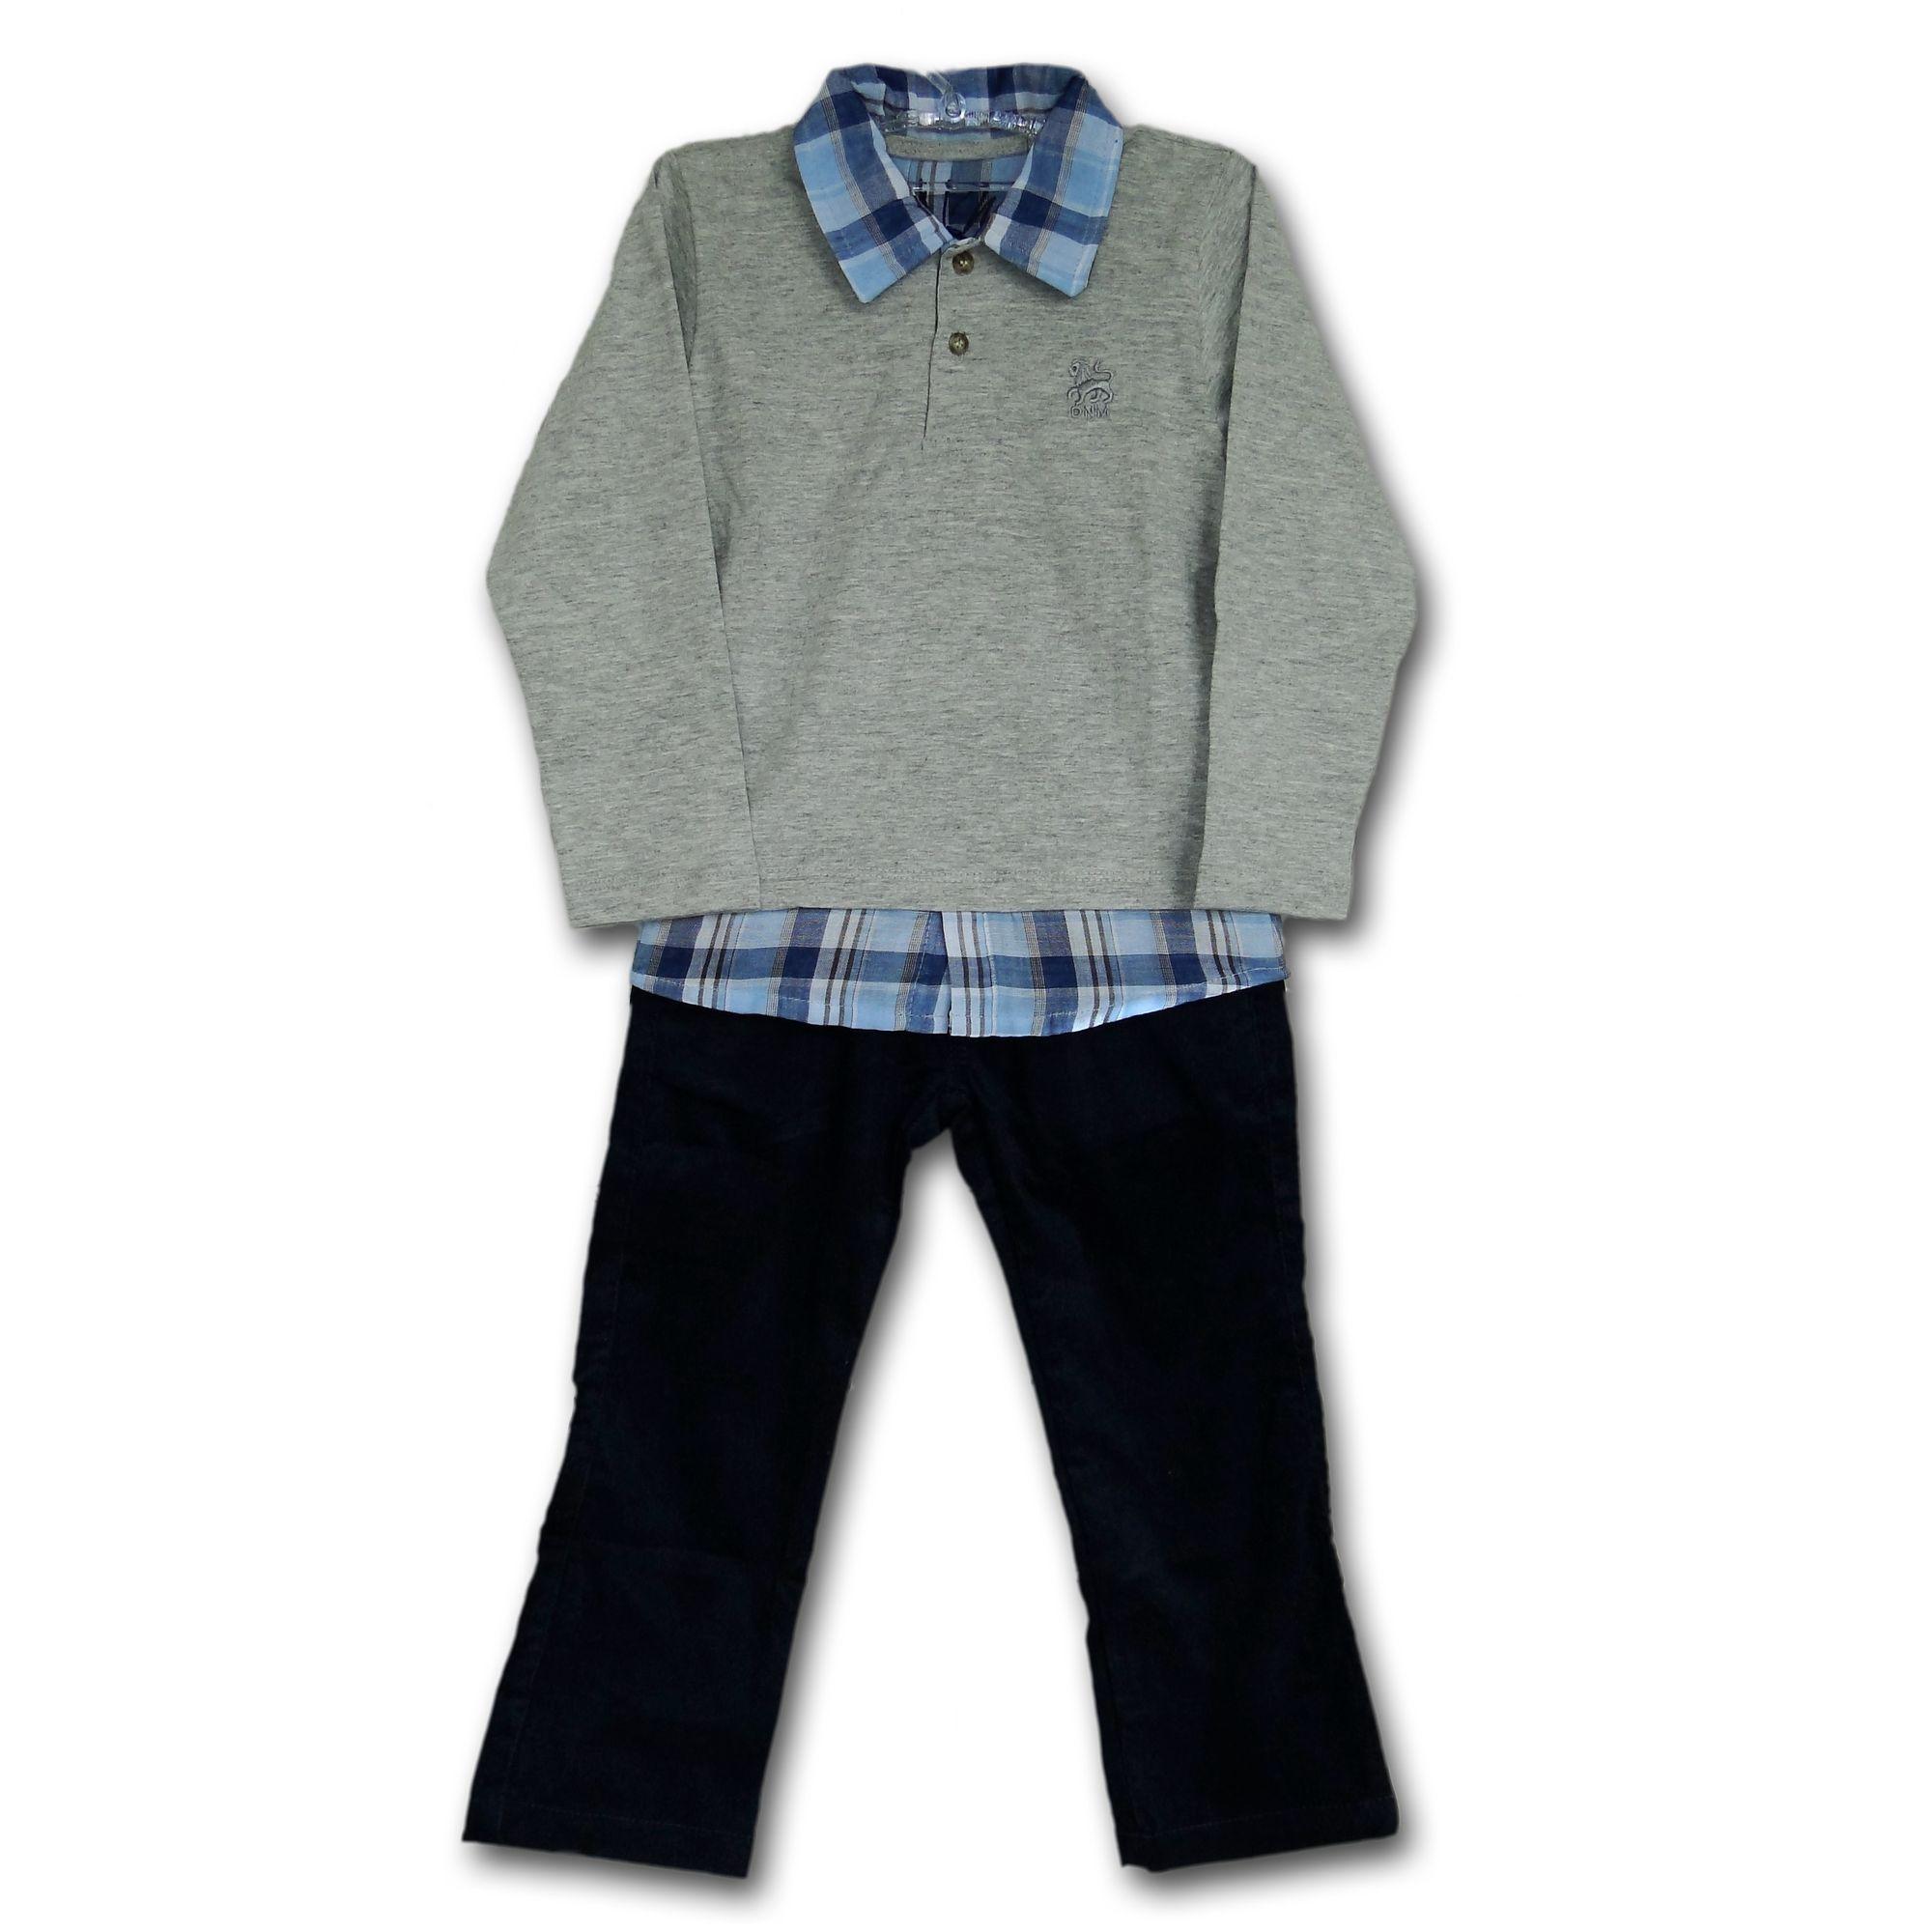 b6f66ad4ea Conjunto Infantil Camisa Cinza e Xadrez Azul e Calça em Veludo Azul Marinho  - EcaMeleca